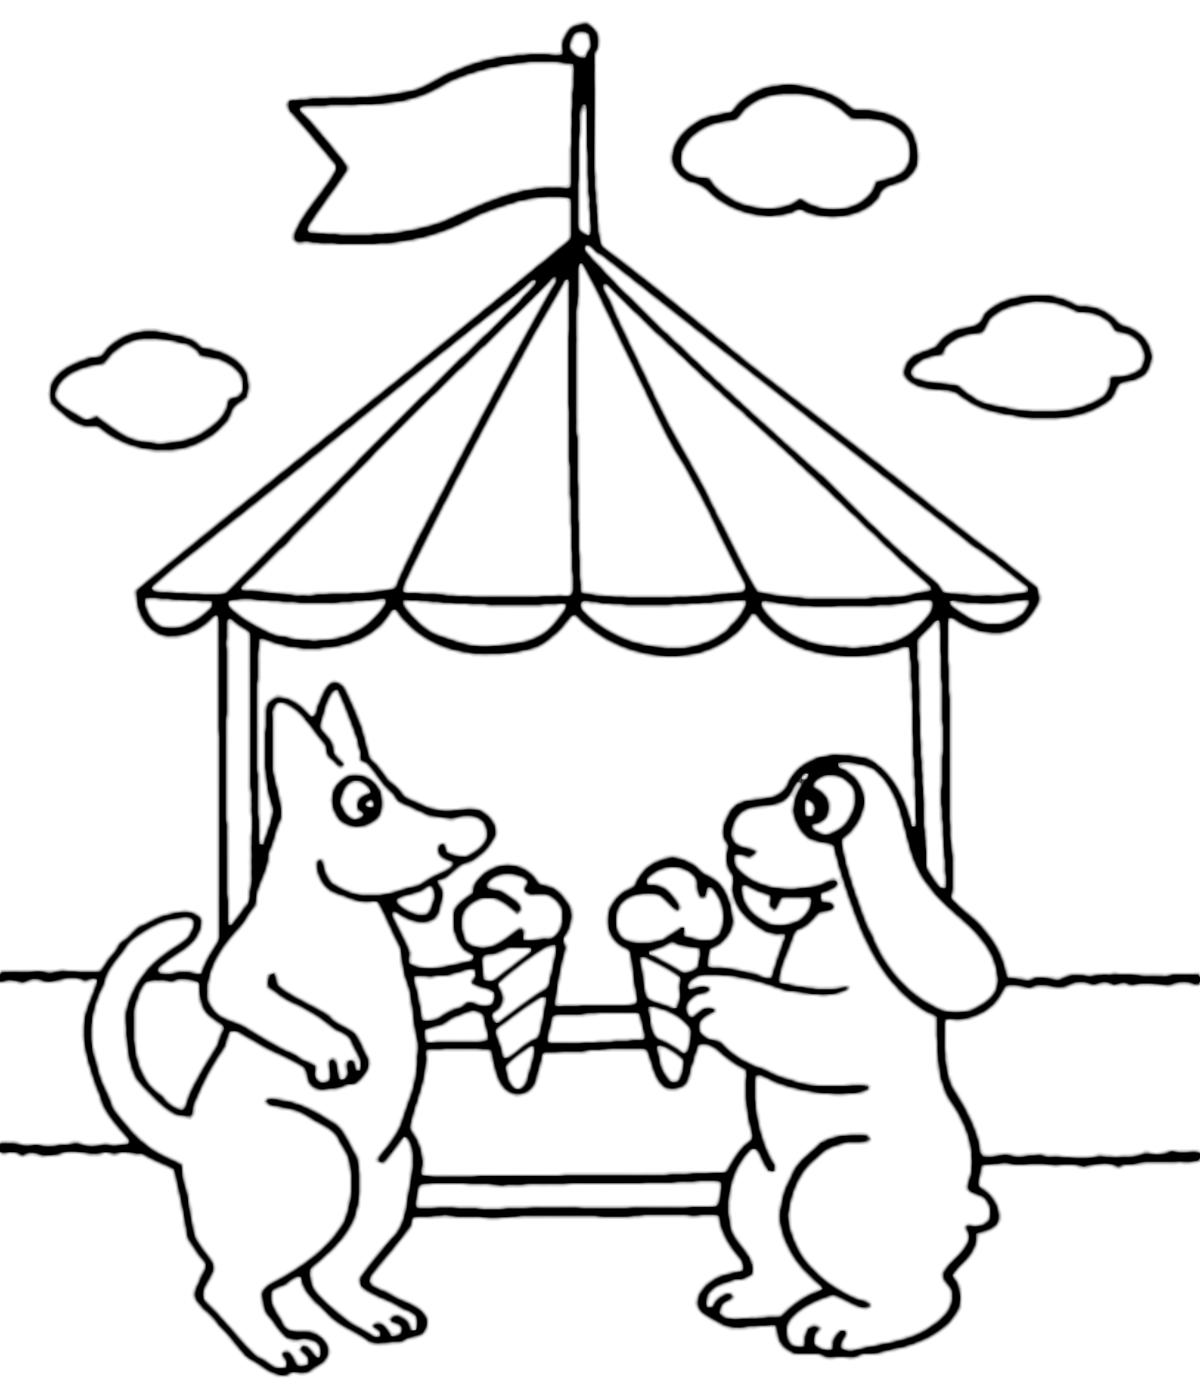 La pimpa la pimpa e tito mangiano un gelato for Pimpa da stampare e colorare